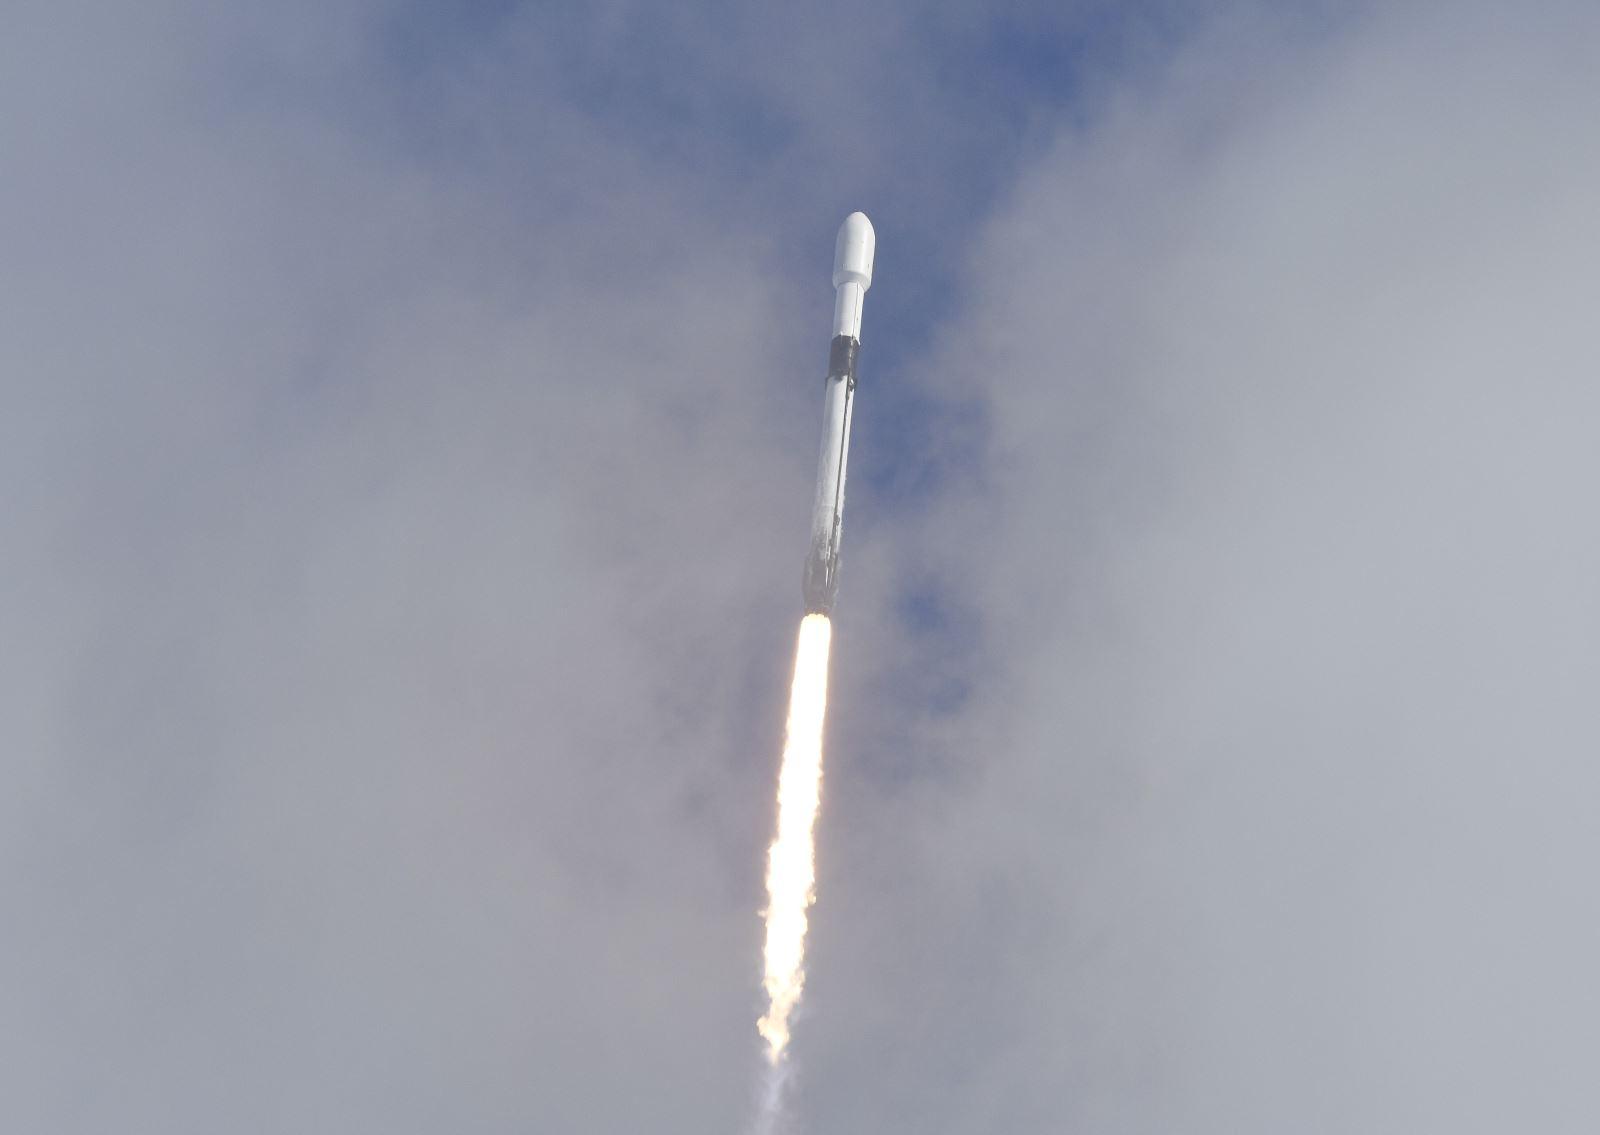 Space X giành hợp đồng phát triển tàu vũ trụ đưa người lên Mặt Trăng của NASA